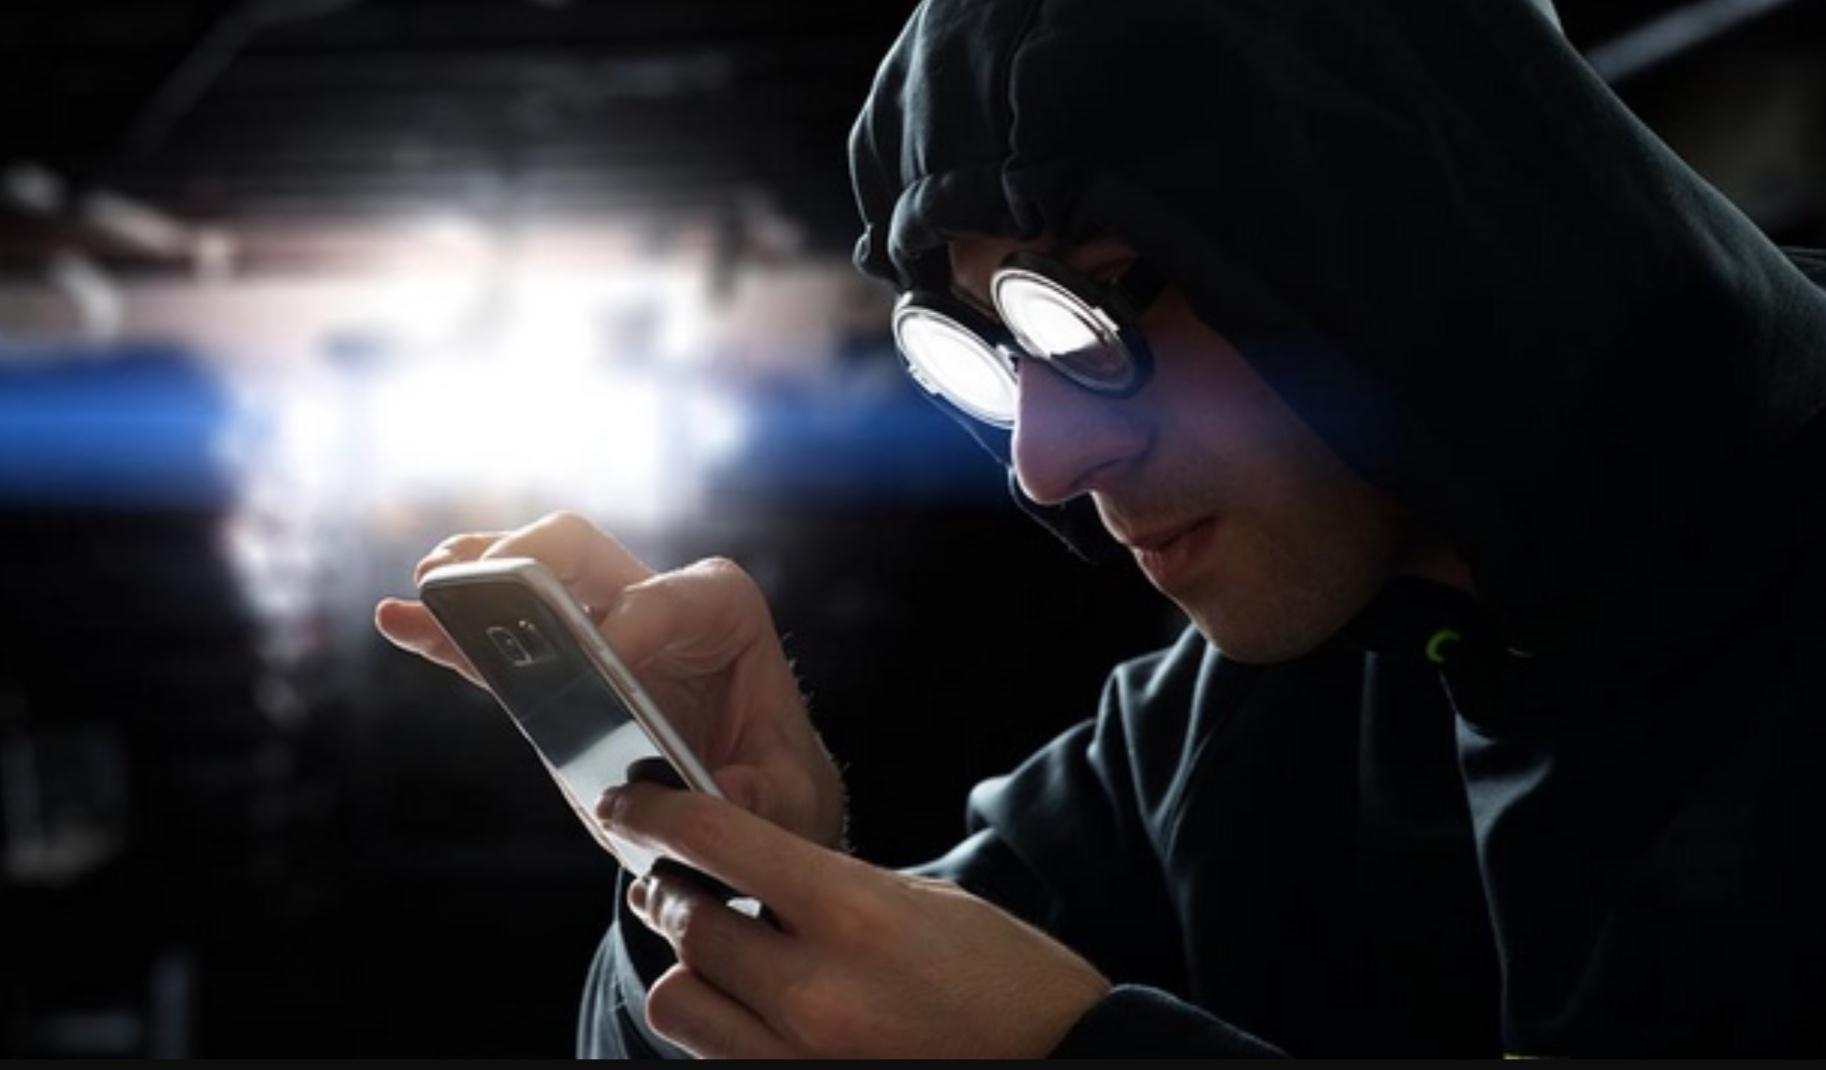 Tencent phát hiện lỗ hổng bảo mật khiến hacker có thể tấn công vào mọi smartphone dùng chip Snapdragon thông qua Wi-Fi